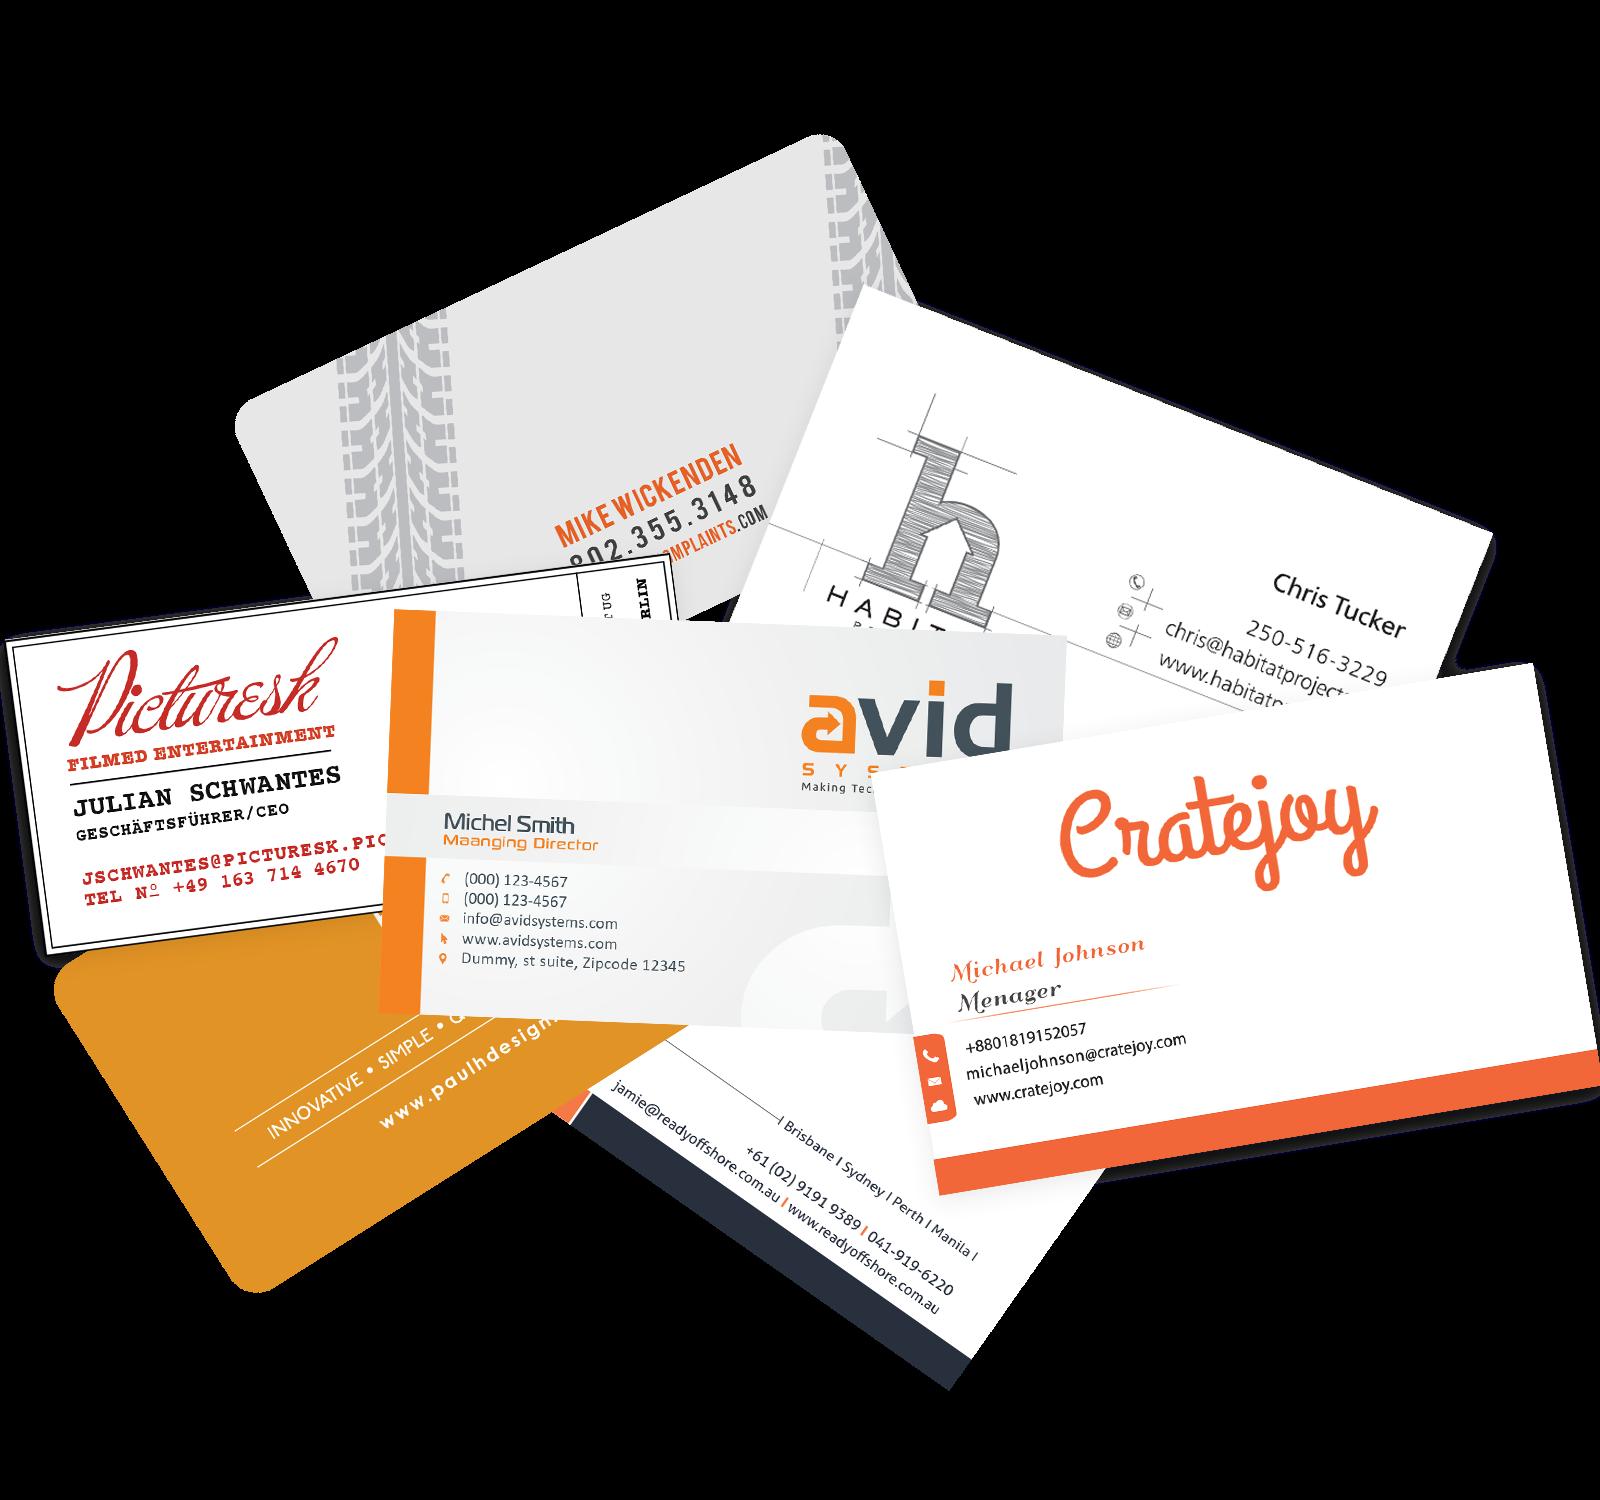 how to design business cards business card design tips for designers 99designs. Black Bedroom Furniture Sets. Home Design Ideas